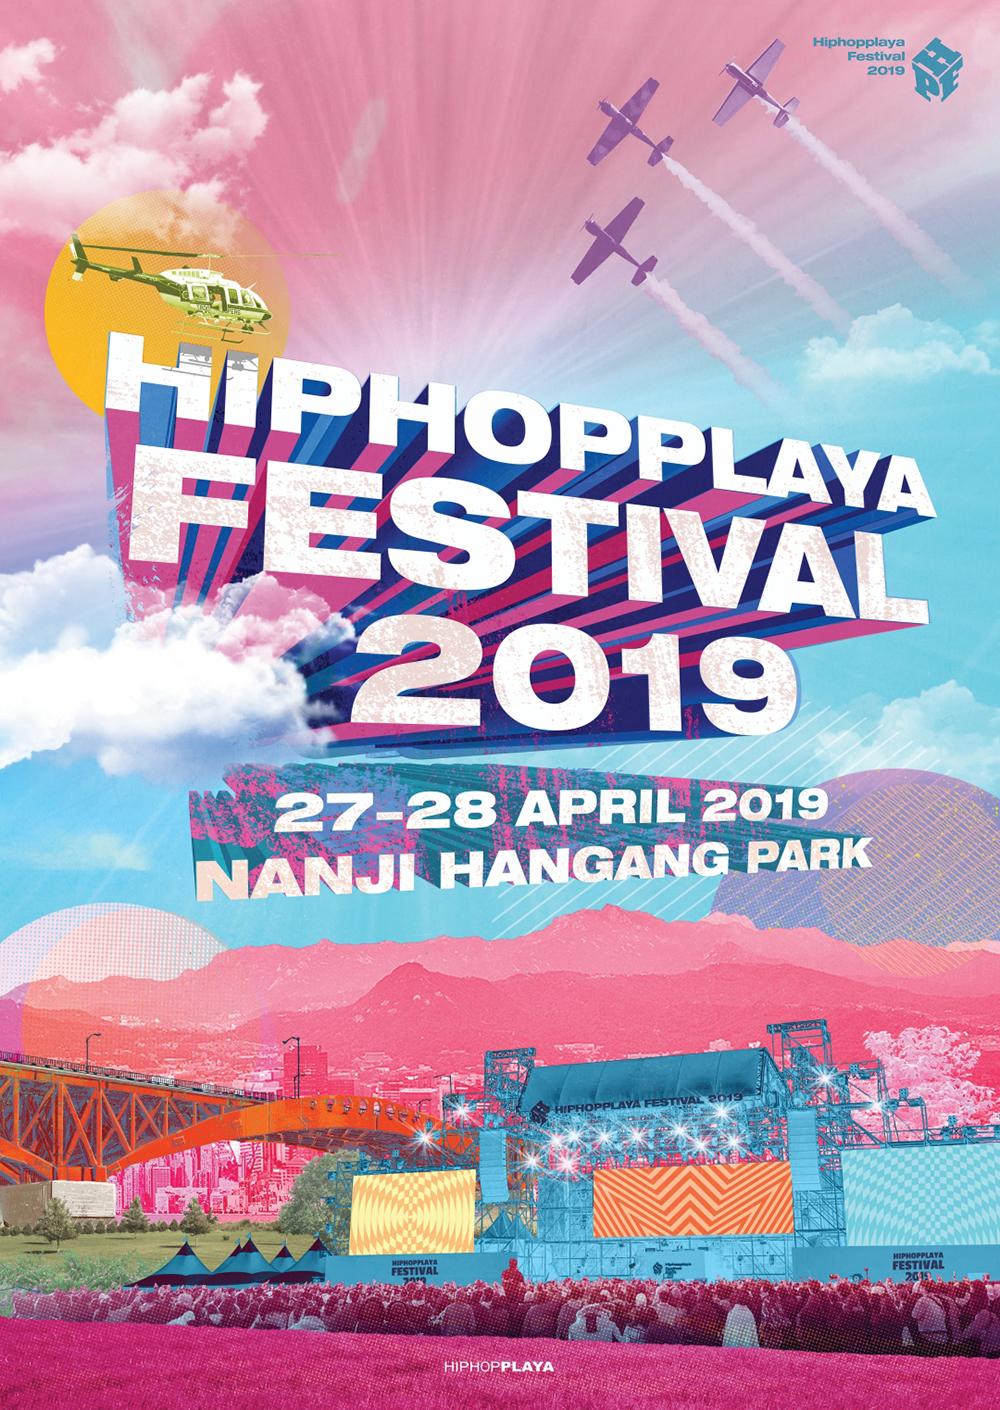 '힙합플레이야 페스티벌 2019', 4월에 난지한강공원에서 개최